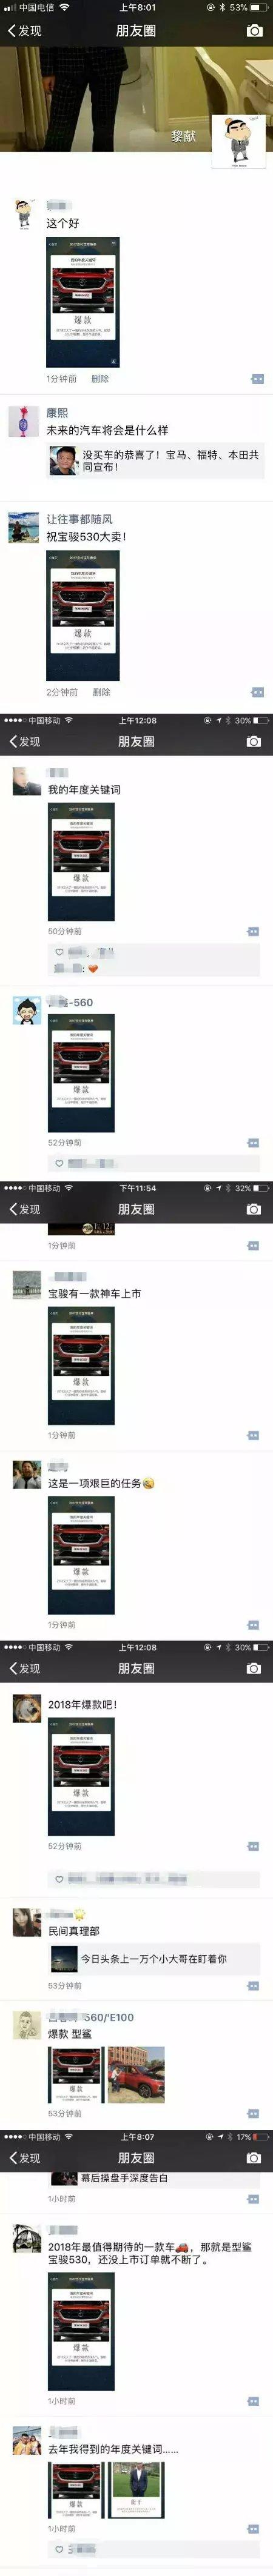 宝骏E200上市指日可待, 或再创E100佳绩!!